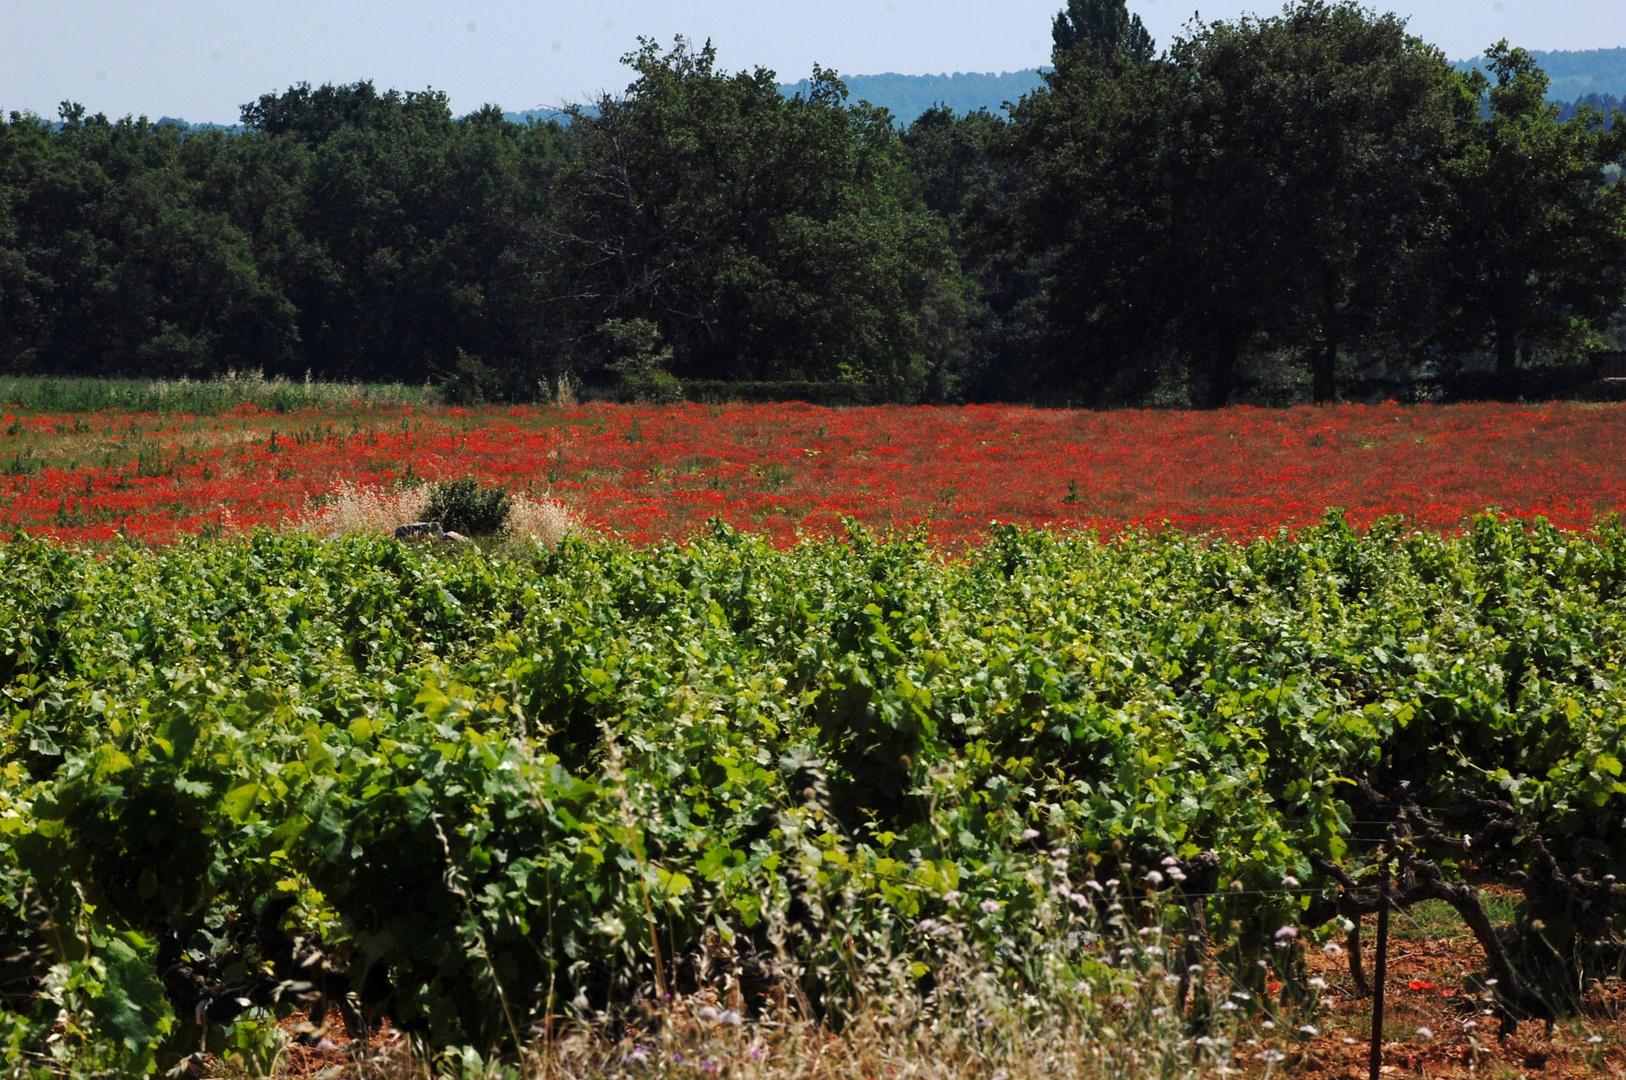 Vignes et champs de coquelicots